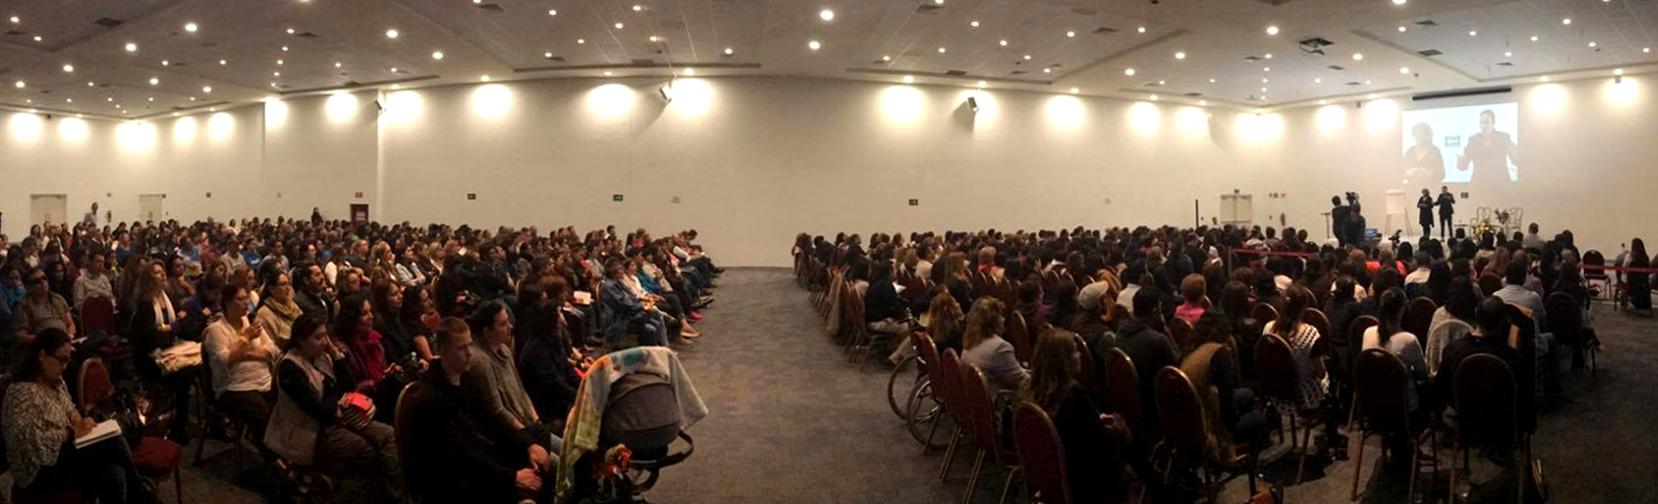 Información general para tu participación al evento en el Centro Isha México (Manzanillo)